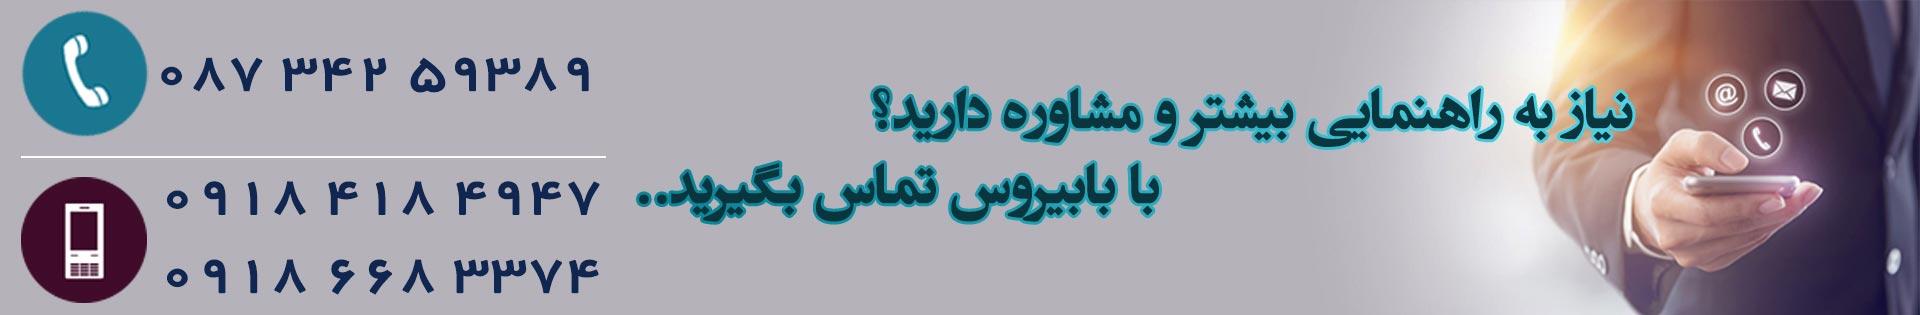 مشاوره رایگان خرید لوازم خانگی از بانه